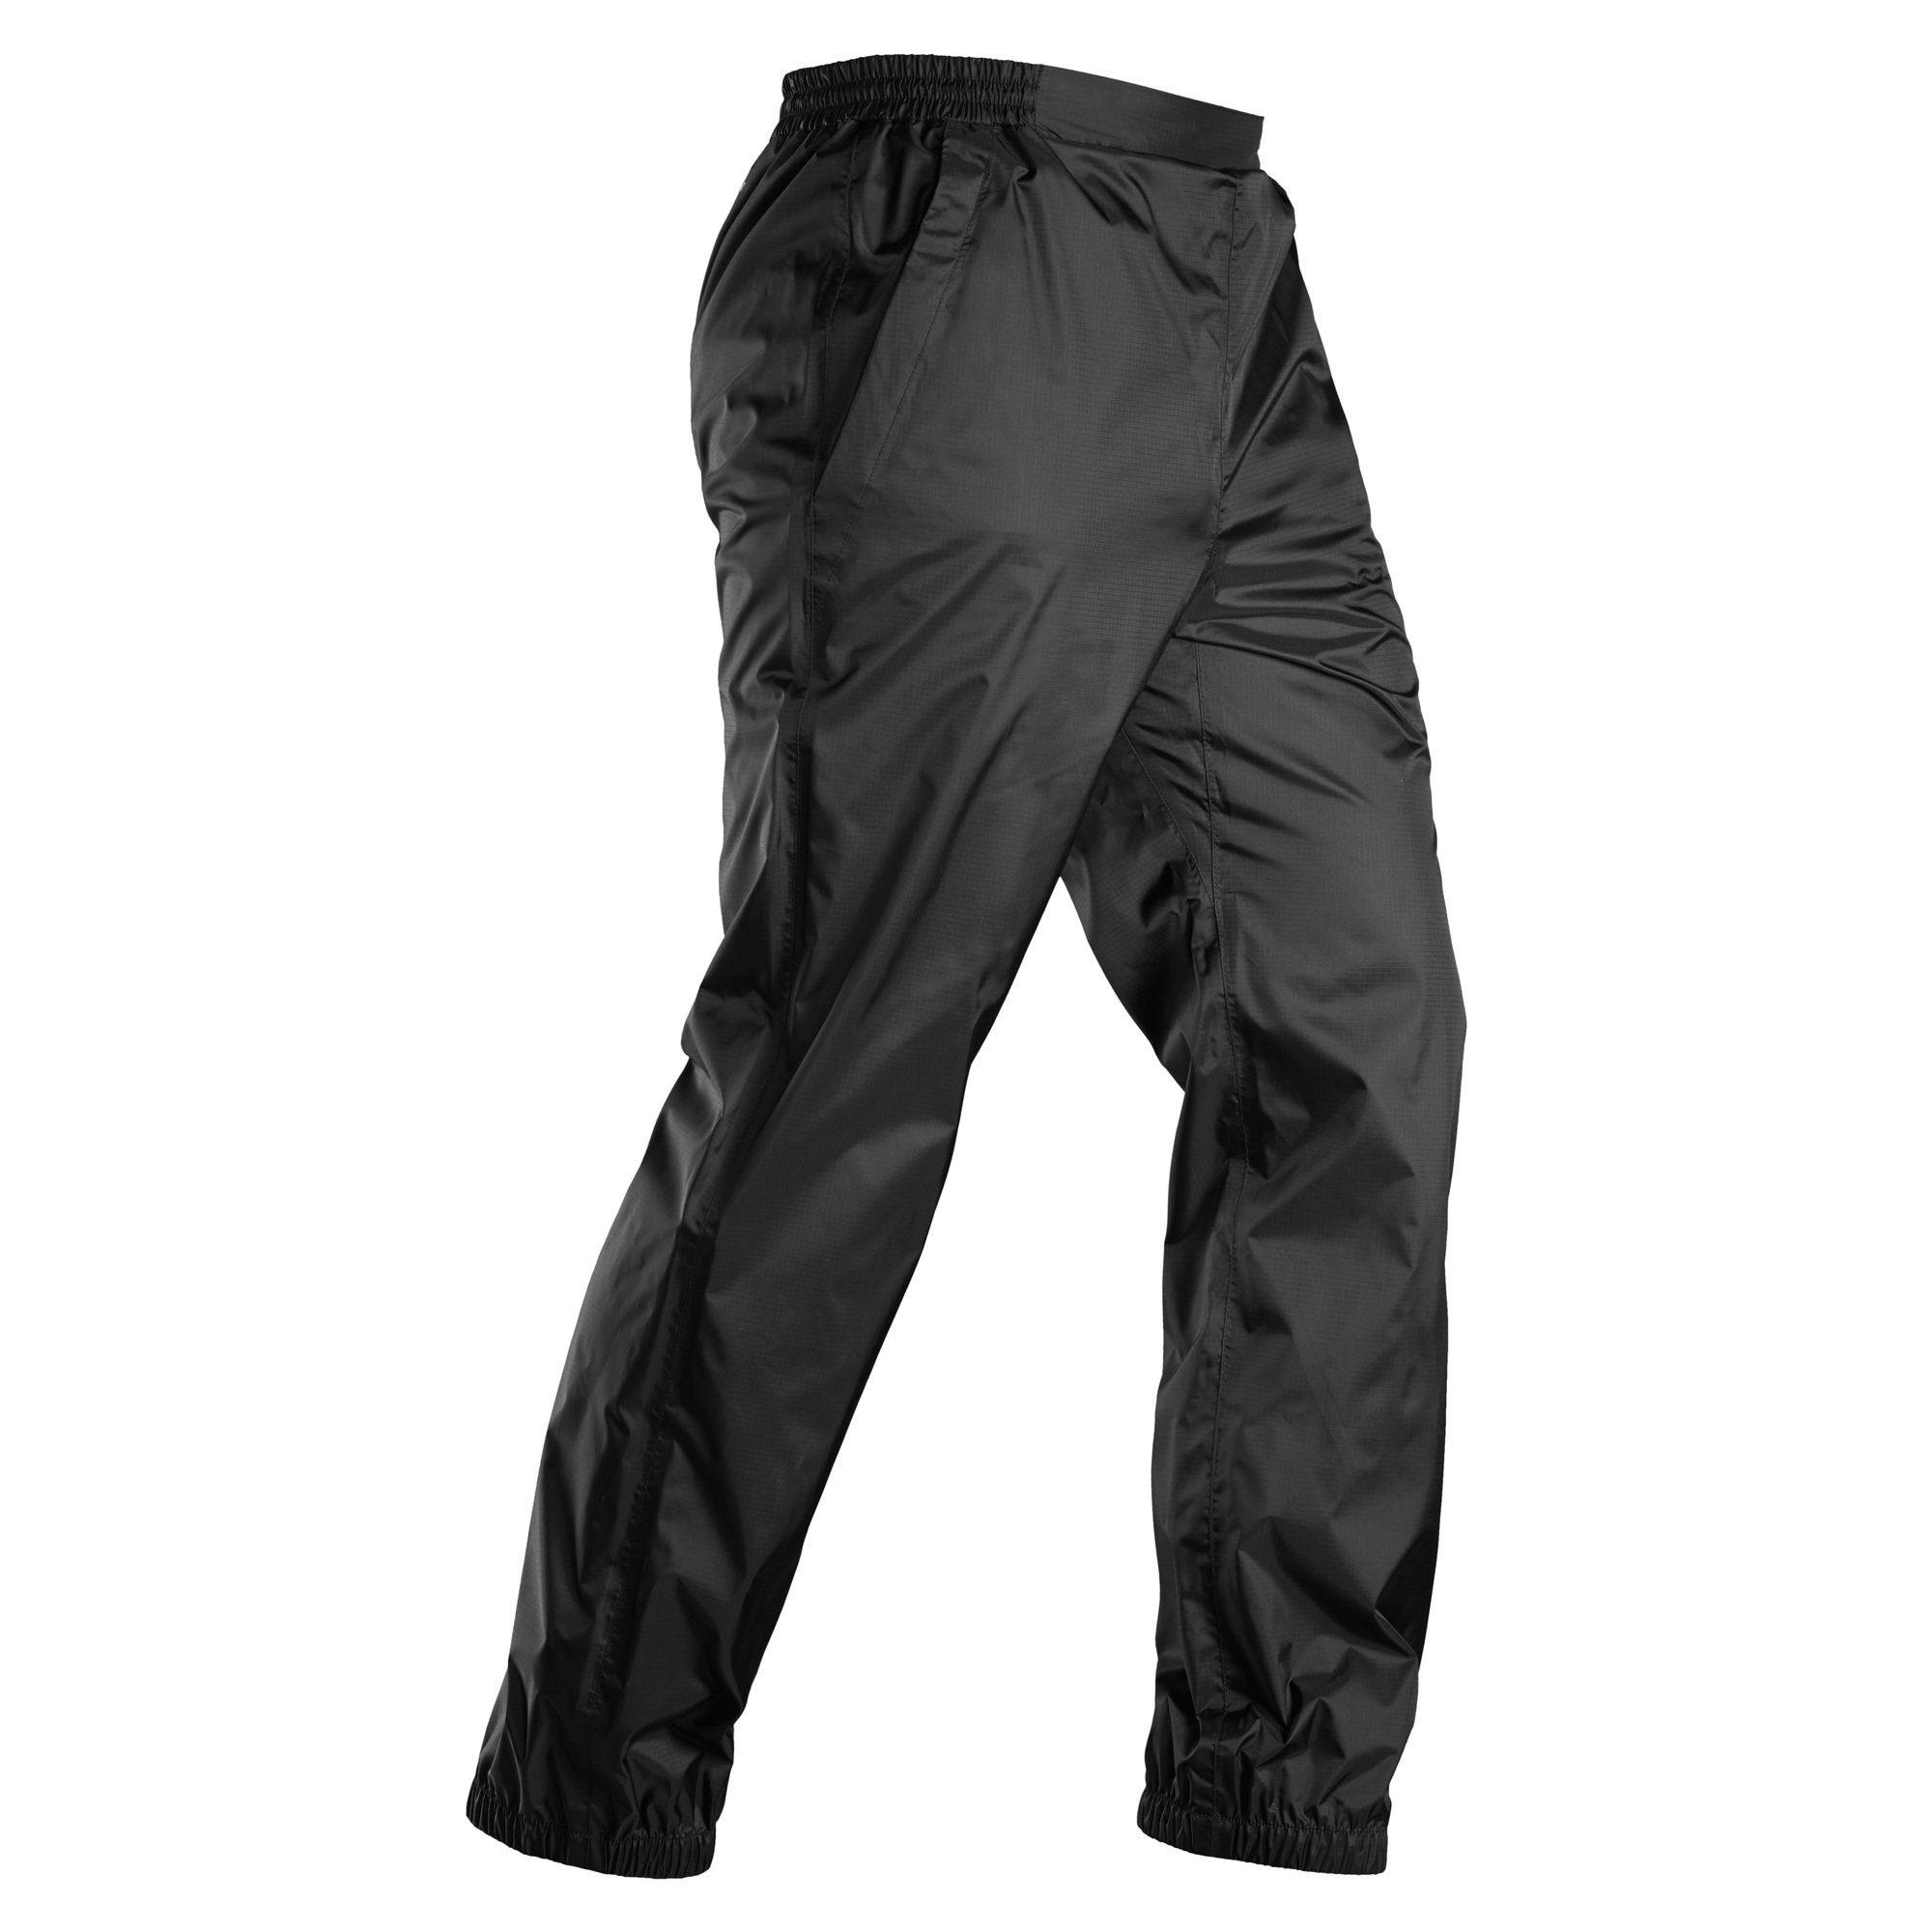 Kathmandu Regenhose Pocket-it v3 | Sportbekleidung > Sporthosen > Regenhosen | Schwarz | Nylon - Polyamid | Kathmandu